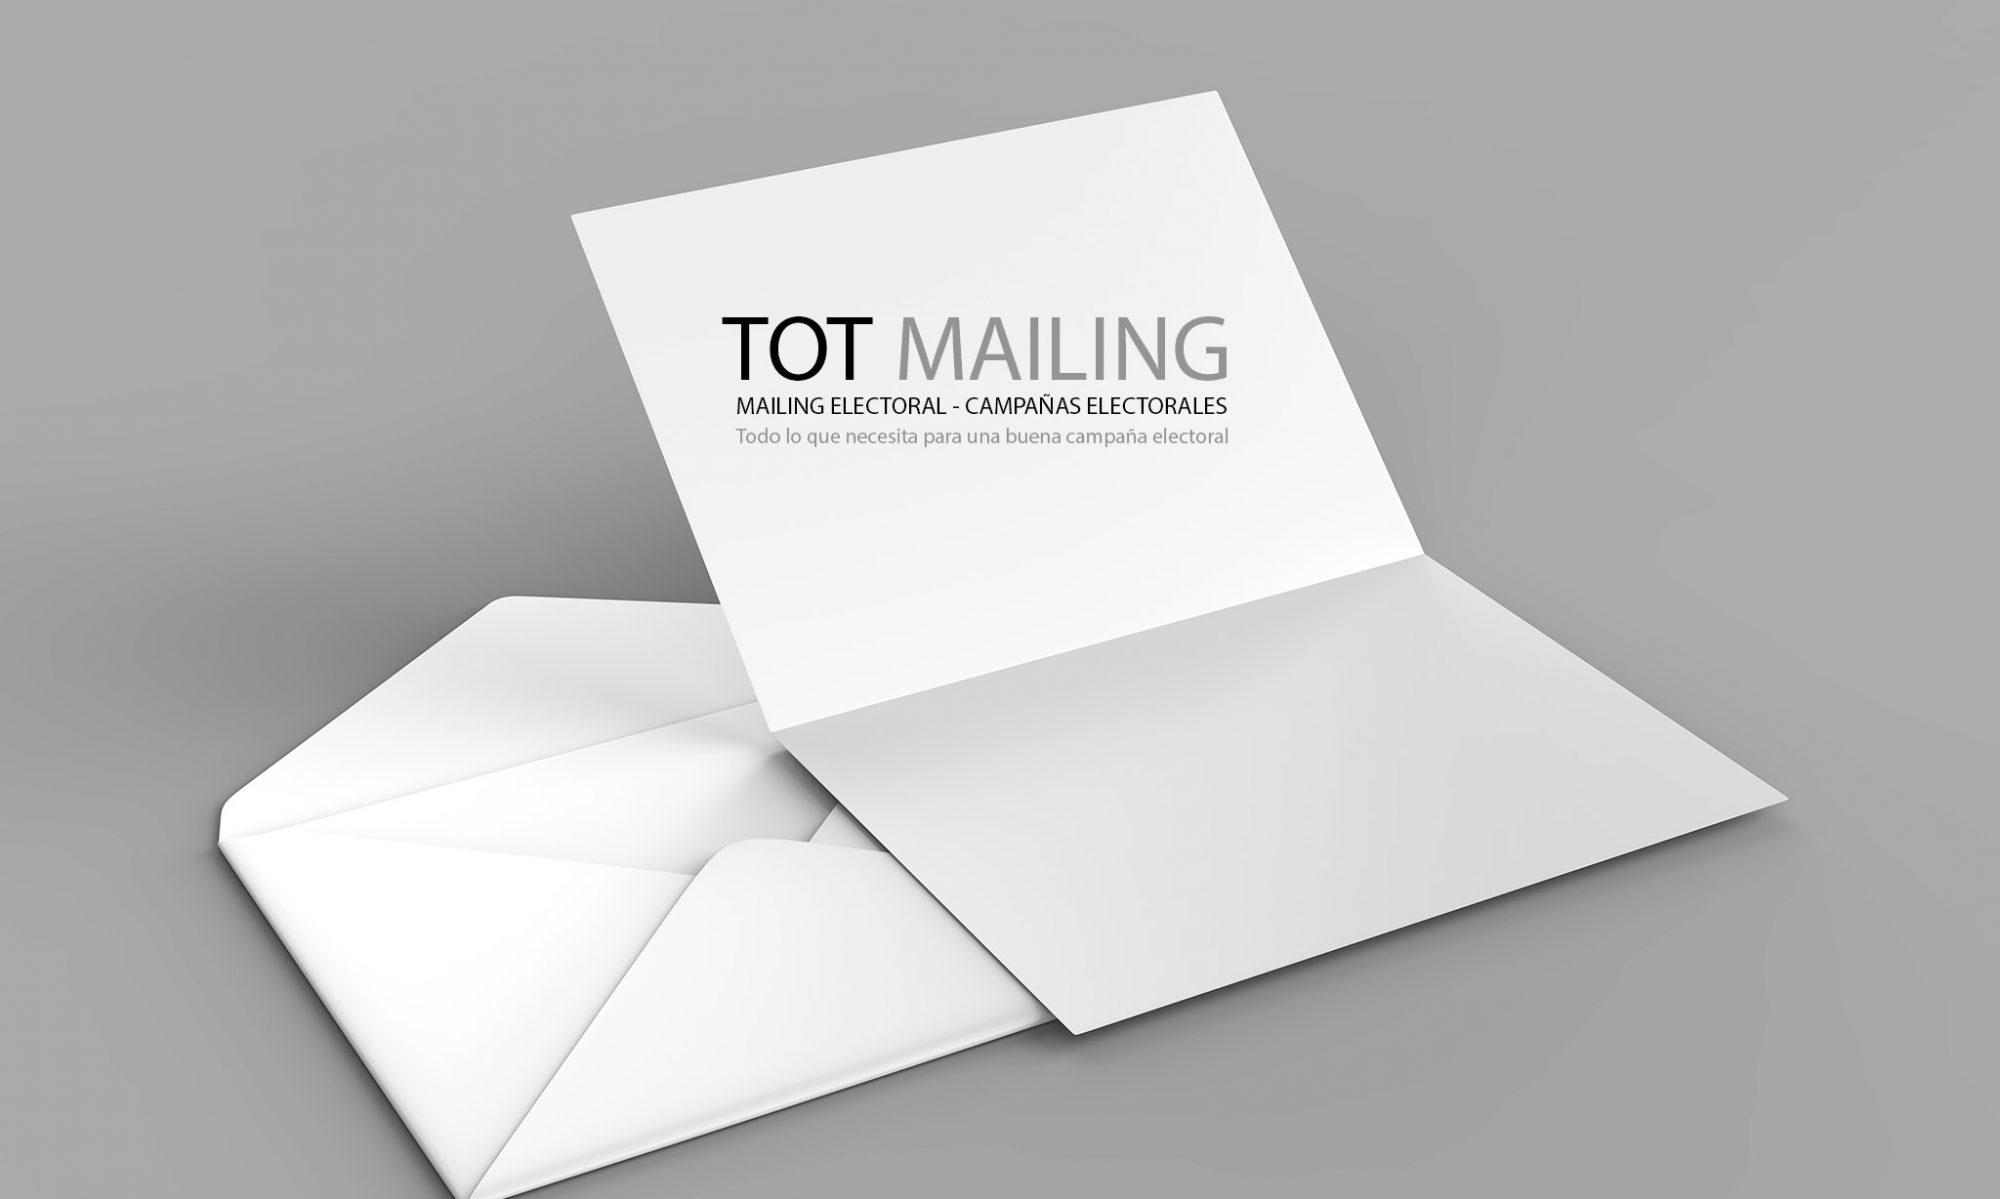 Mailing Electoral - CAMPAÑAS ELECTORALES